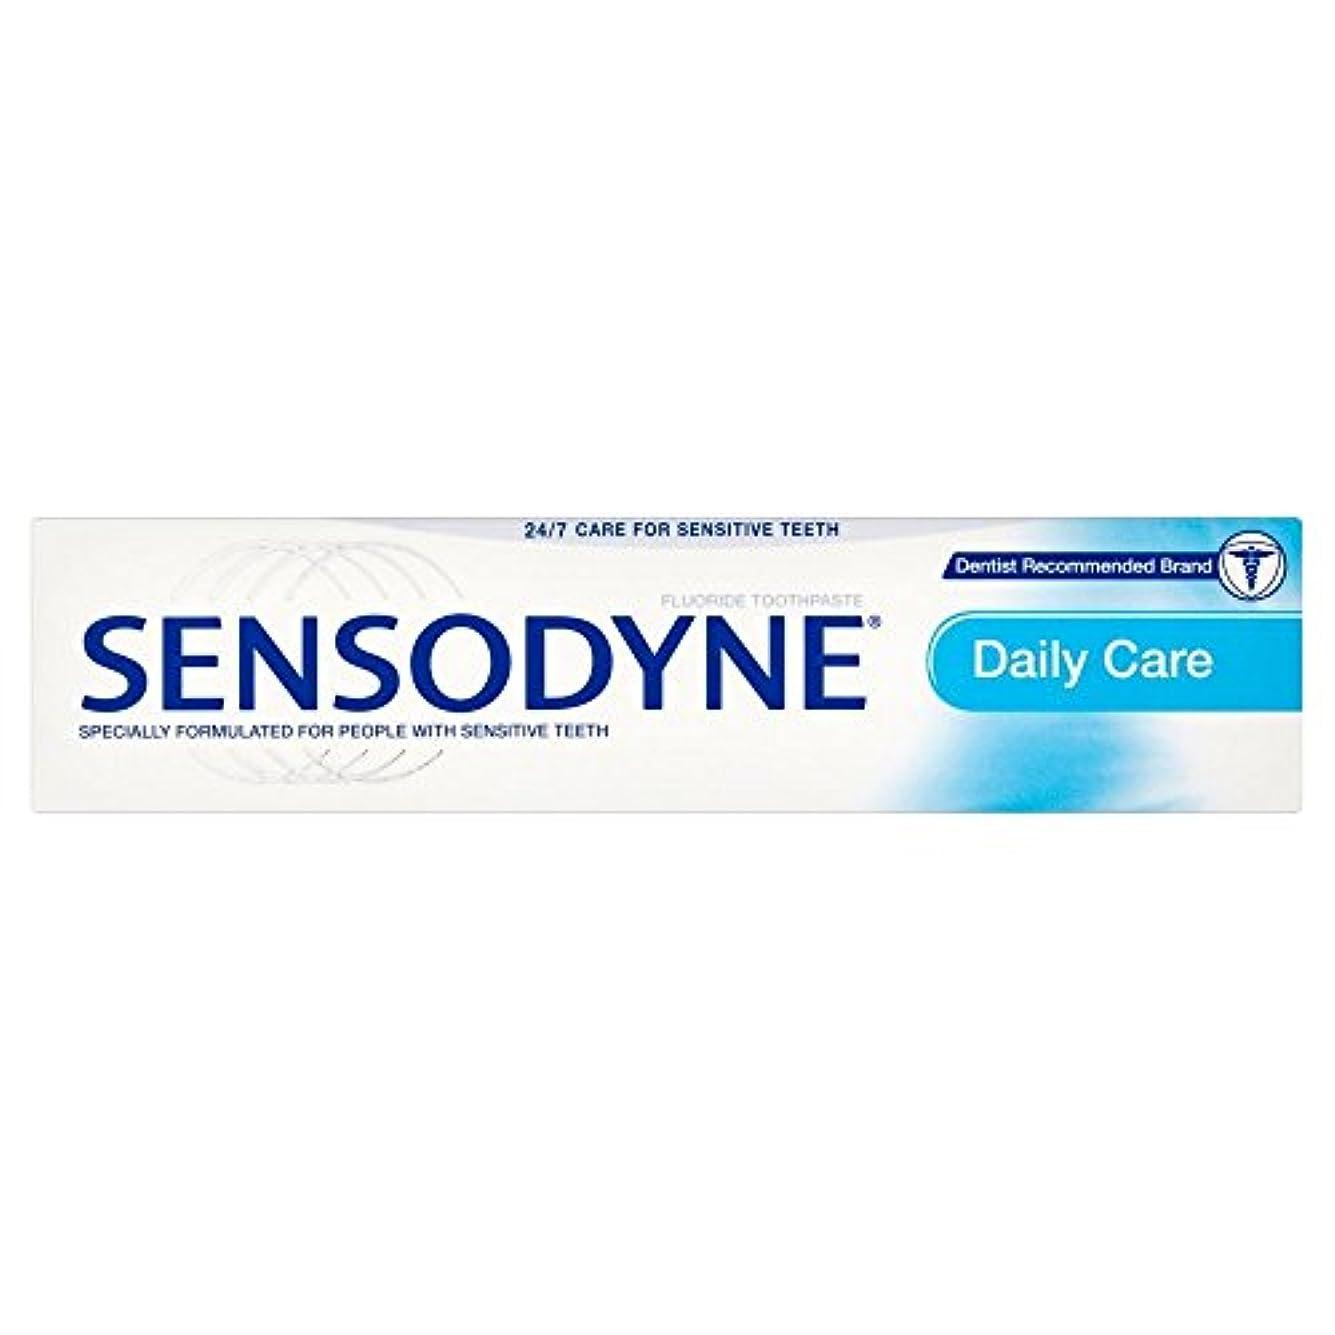 メロディアス変位浸透するSensodyne Daily Care Fluoride Toothpaste (75ml) Sensodyne毎日のケアフッ化物歯磨き粉( 75ミリリットル) [並行輸入品]